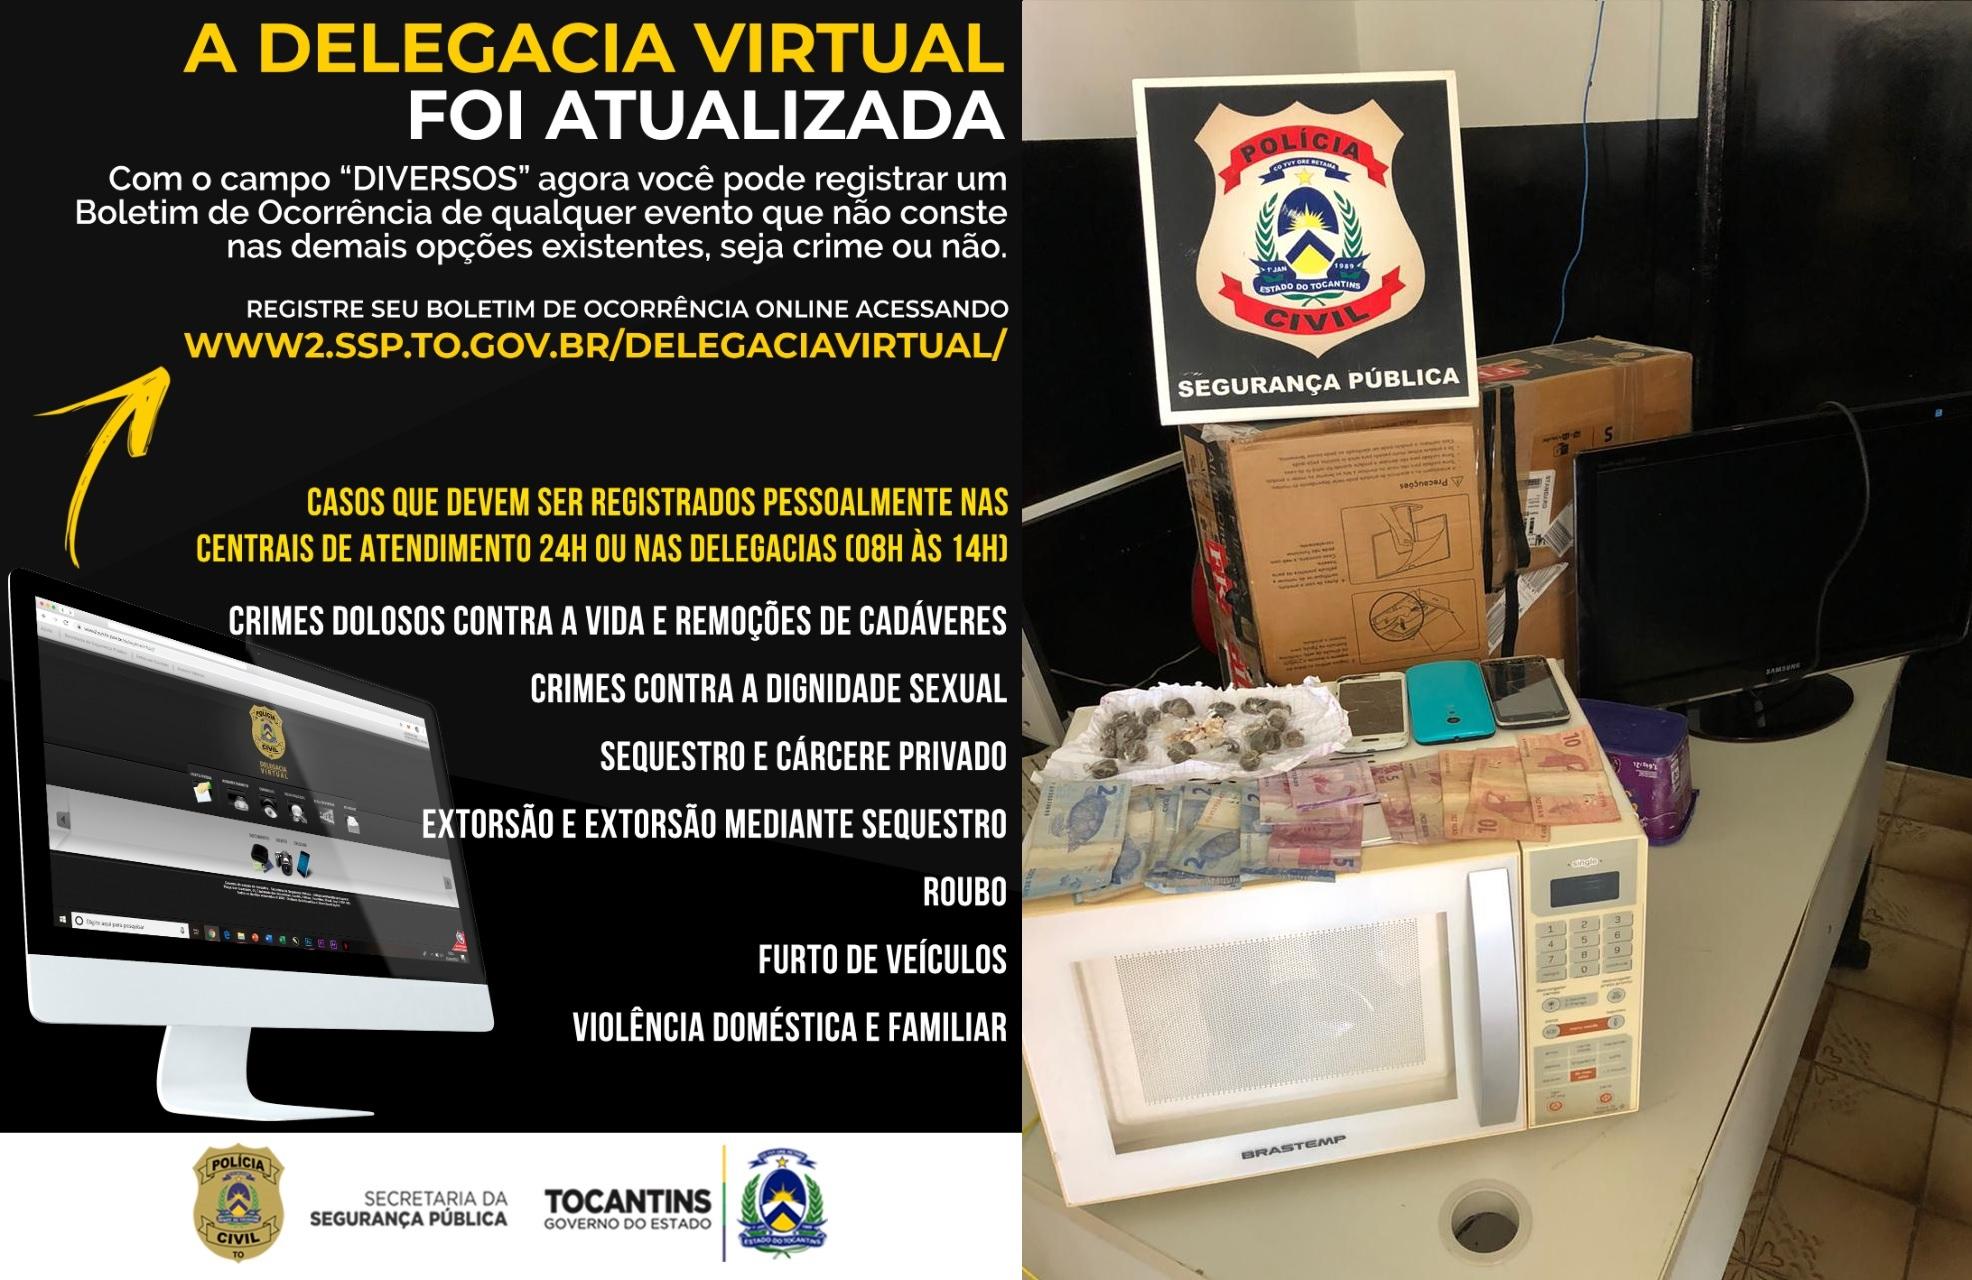 Polícia Civil prende homens após registro de Boletim de Ocorrência na Delegacia Virtual em Araguatins